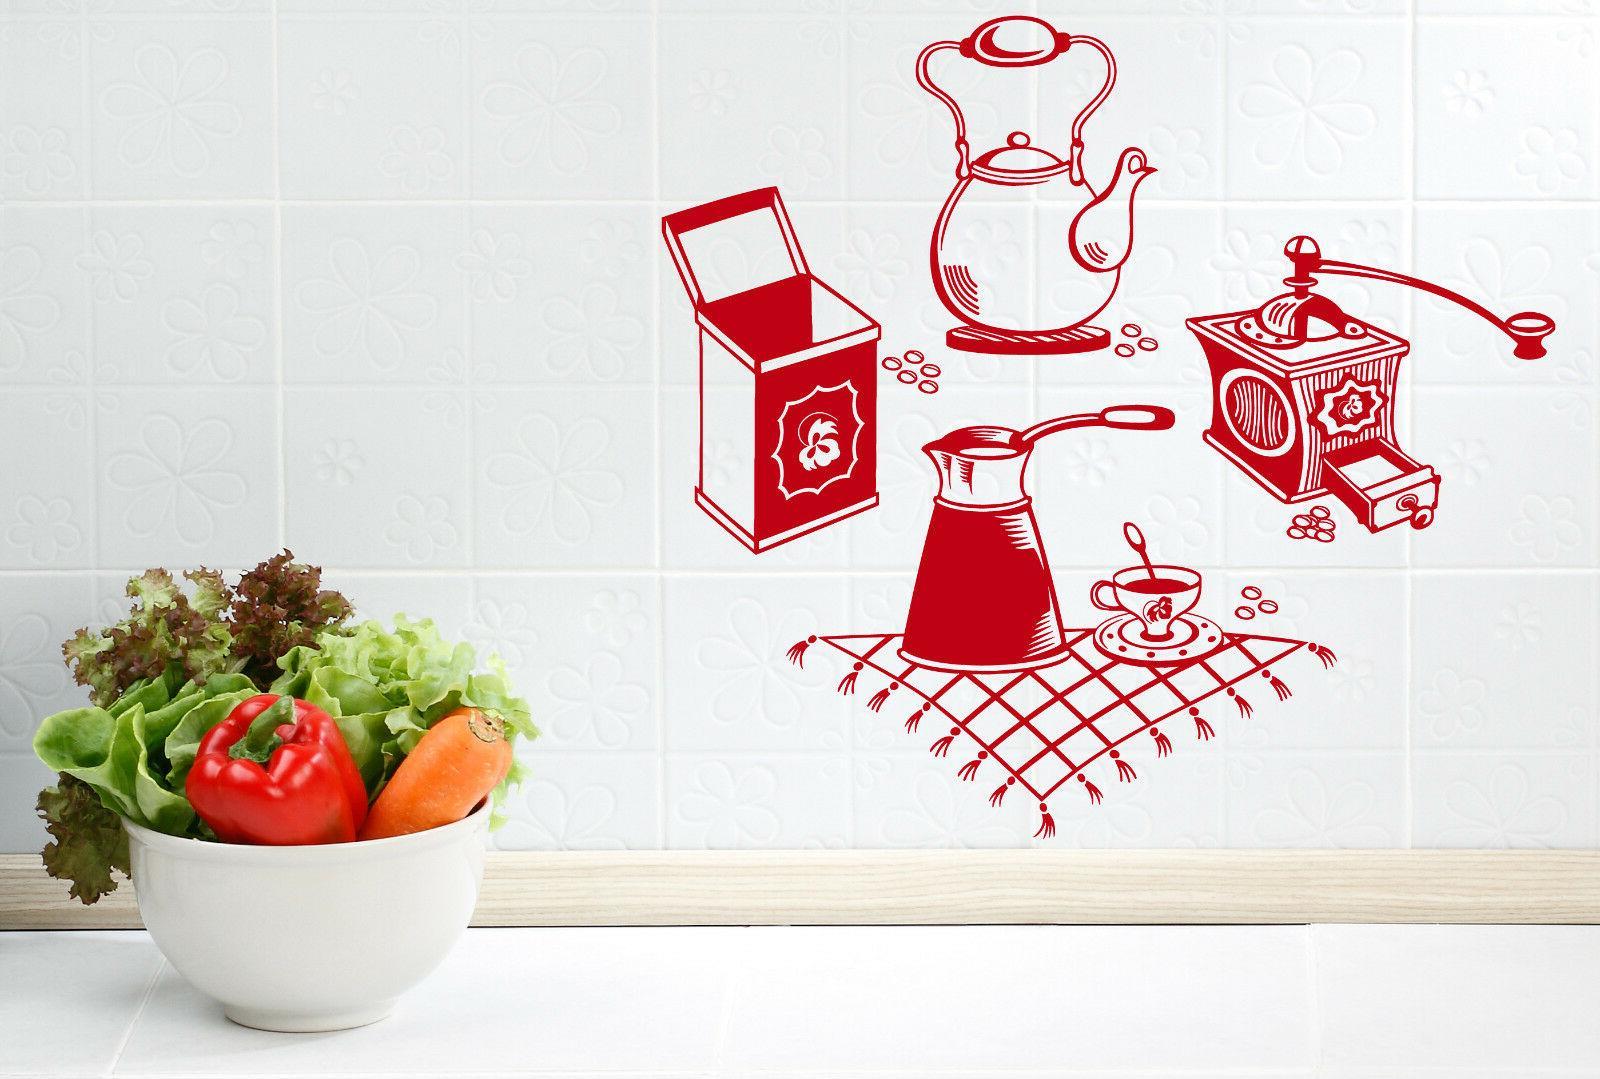 wall vinyl decal coffee grinder maker tea